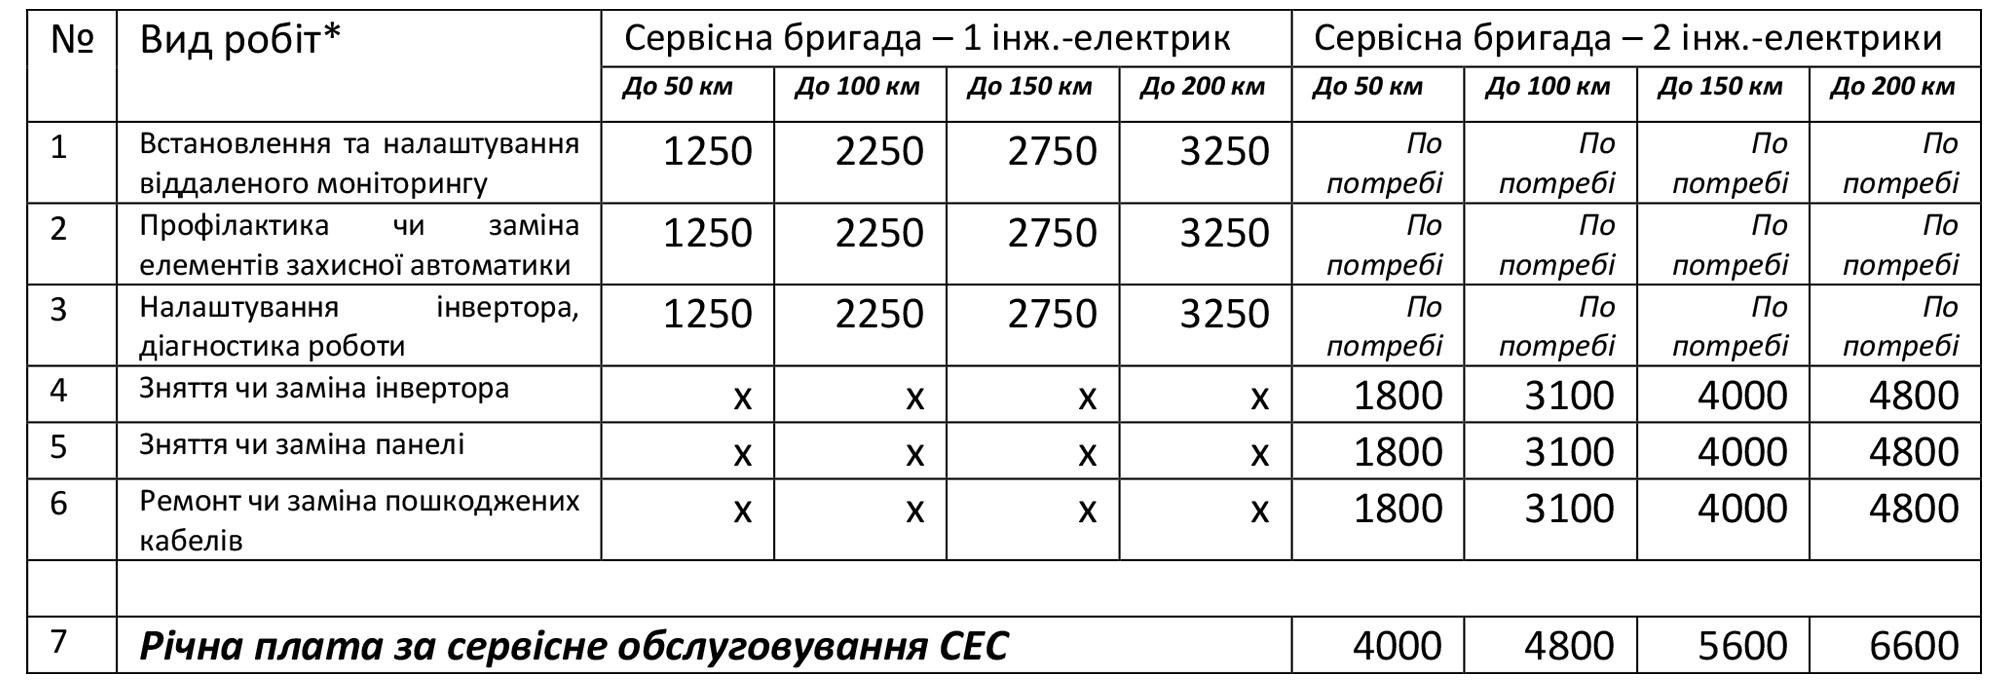 Ціни сервісних послуг_Соленсі